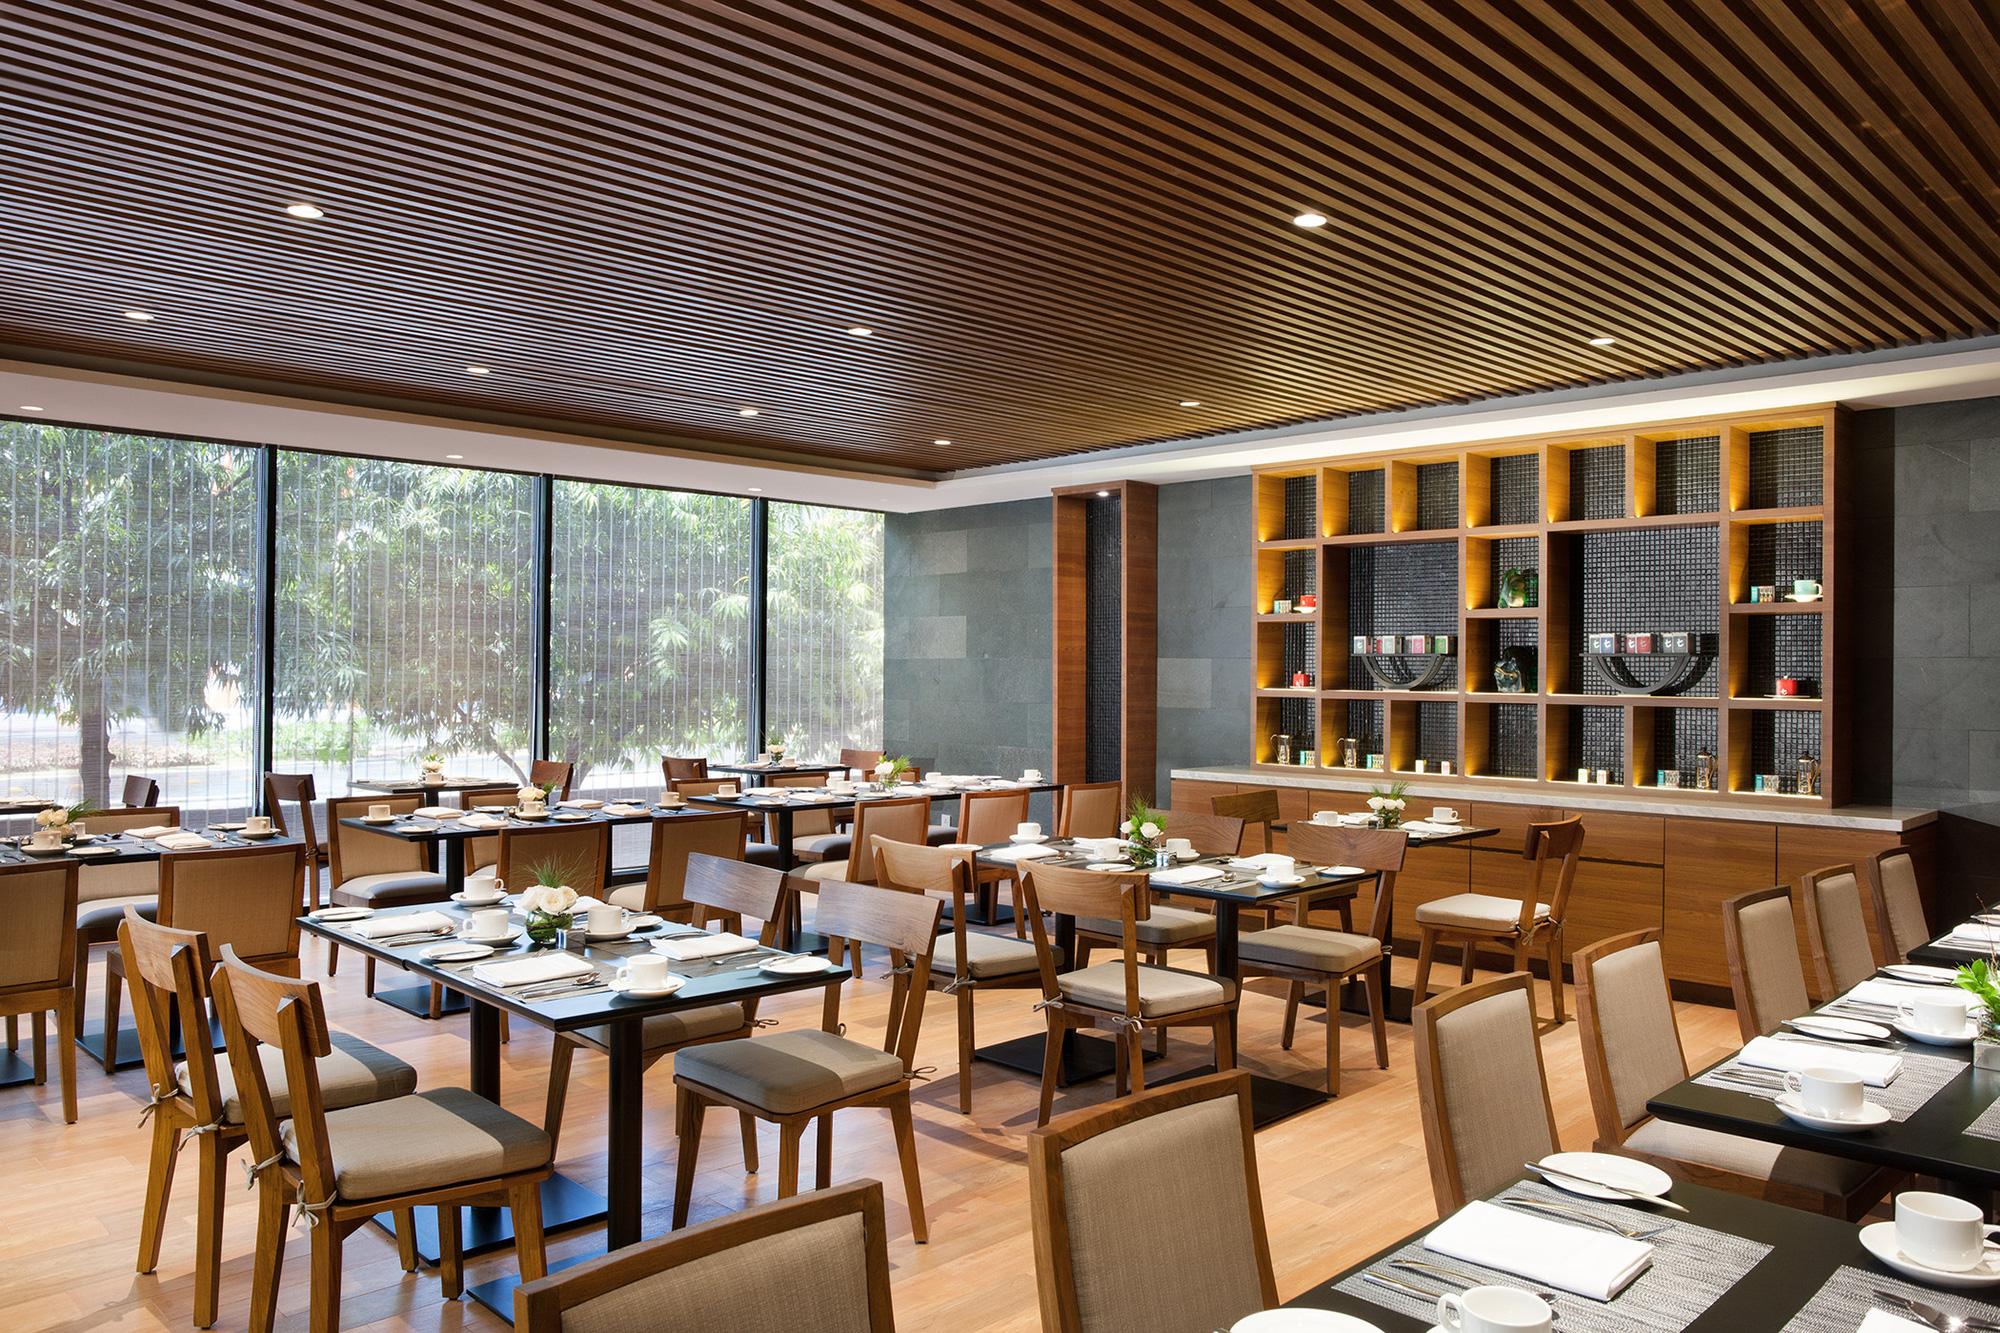 Photo : Four Points by Sheraton Tharmin, The Eatery